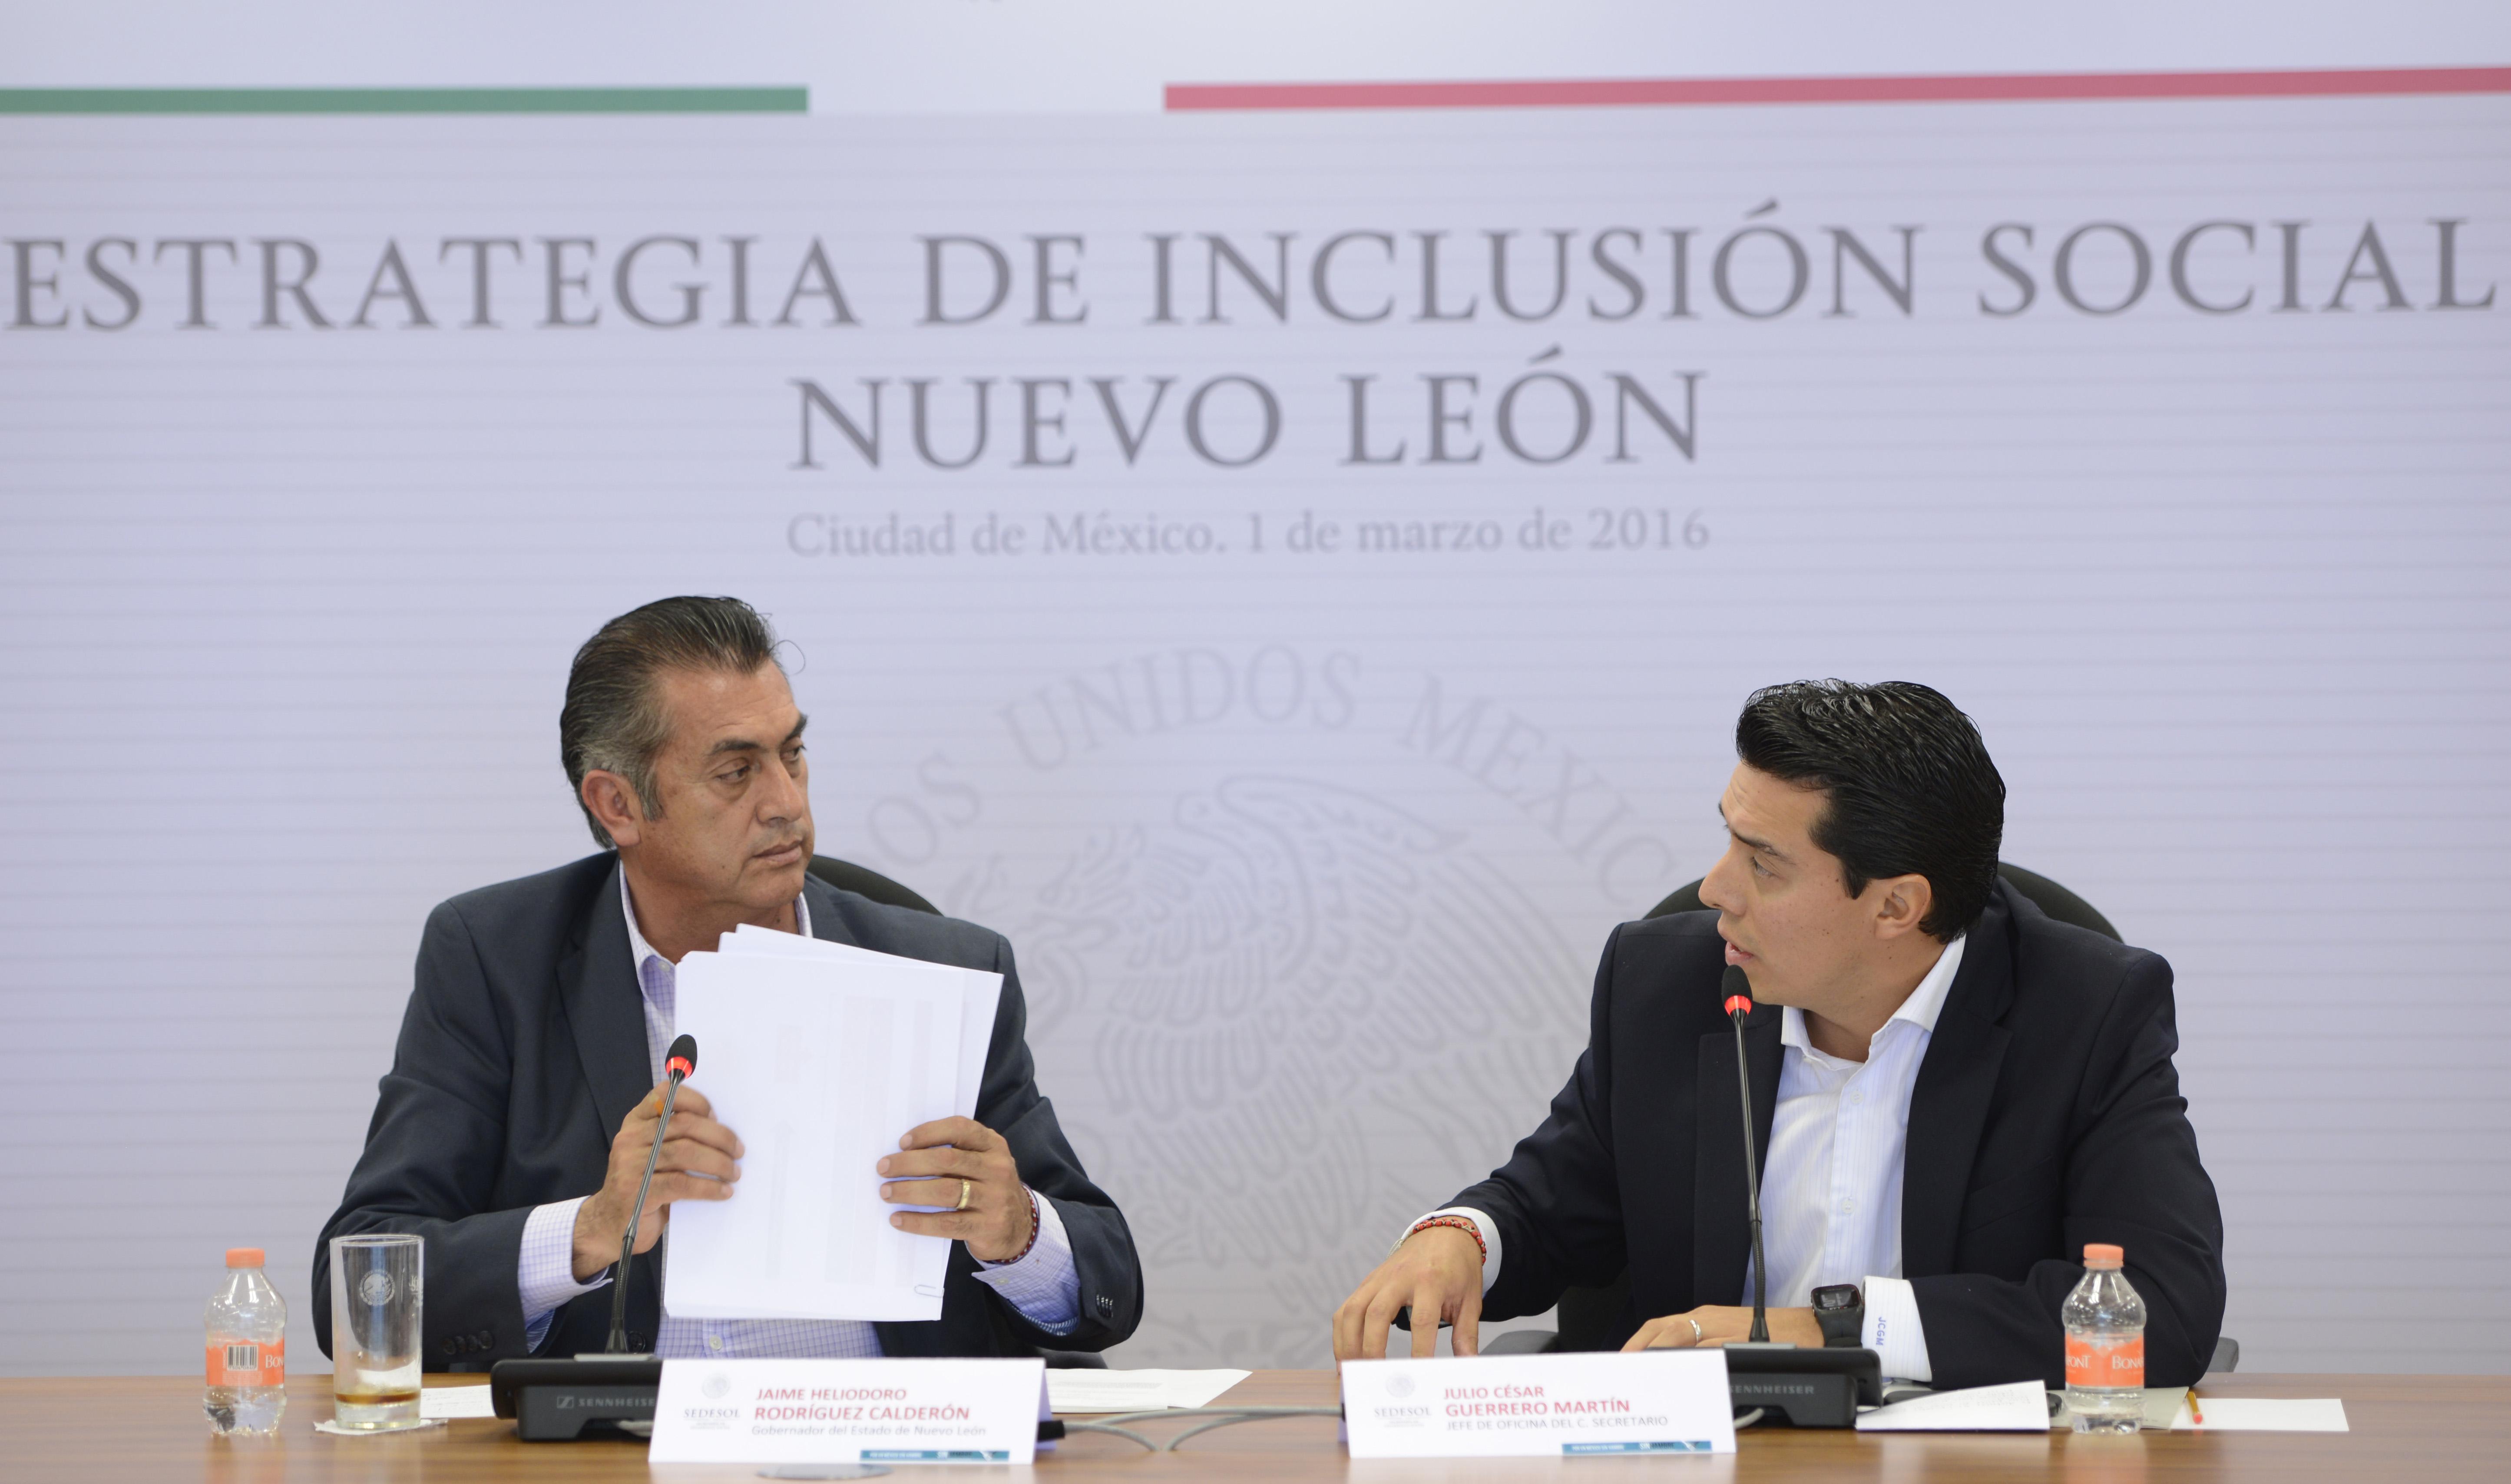 FOTO 1 Sedesol y gobierno de Nuevo Le n acuerdan trabajar de forma compartida para abatir rezagos sociales en el estado.jpg